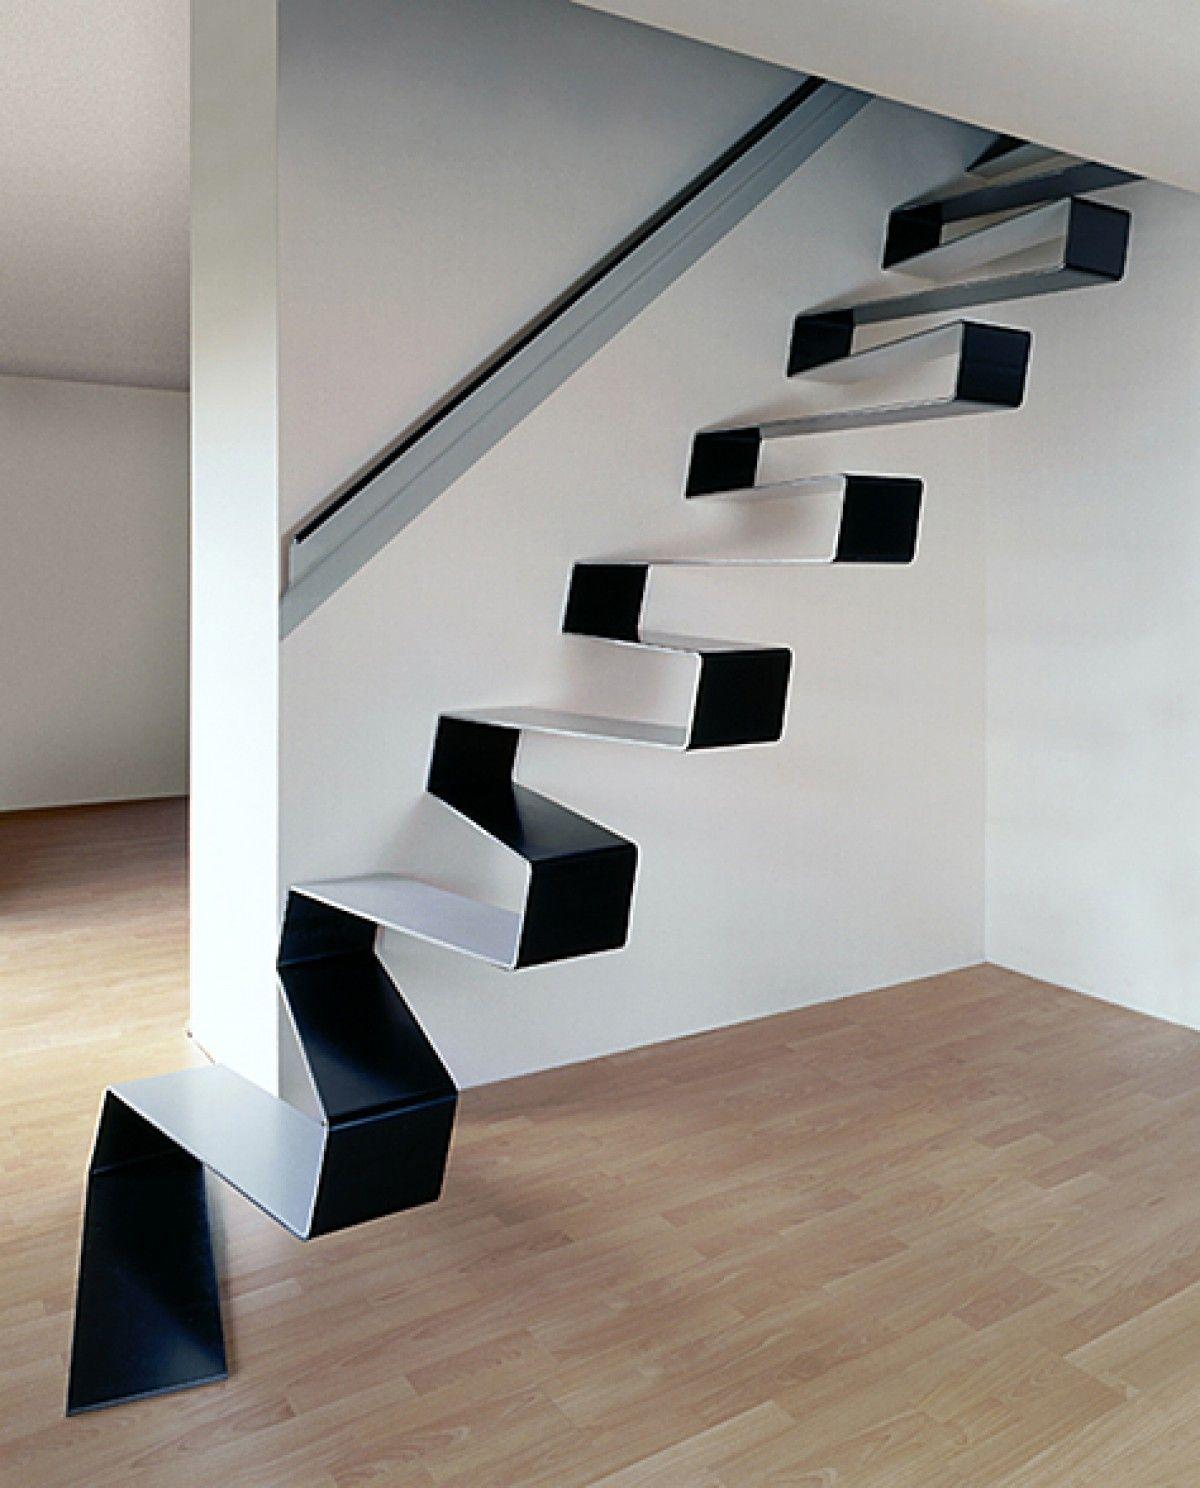 Как рассчитать и сделать лестницу из профильной трубы самостоятельно